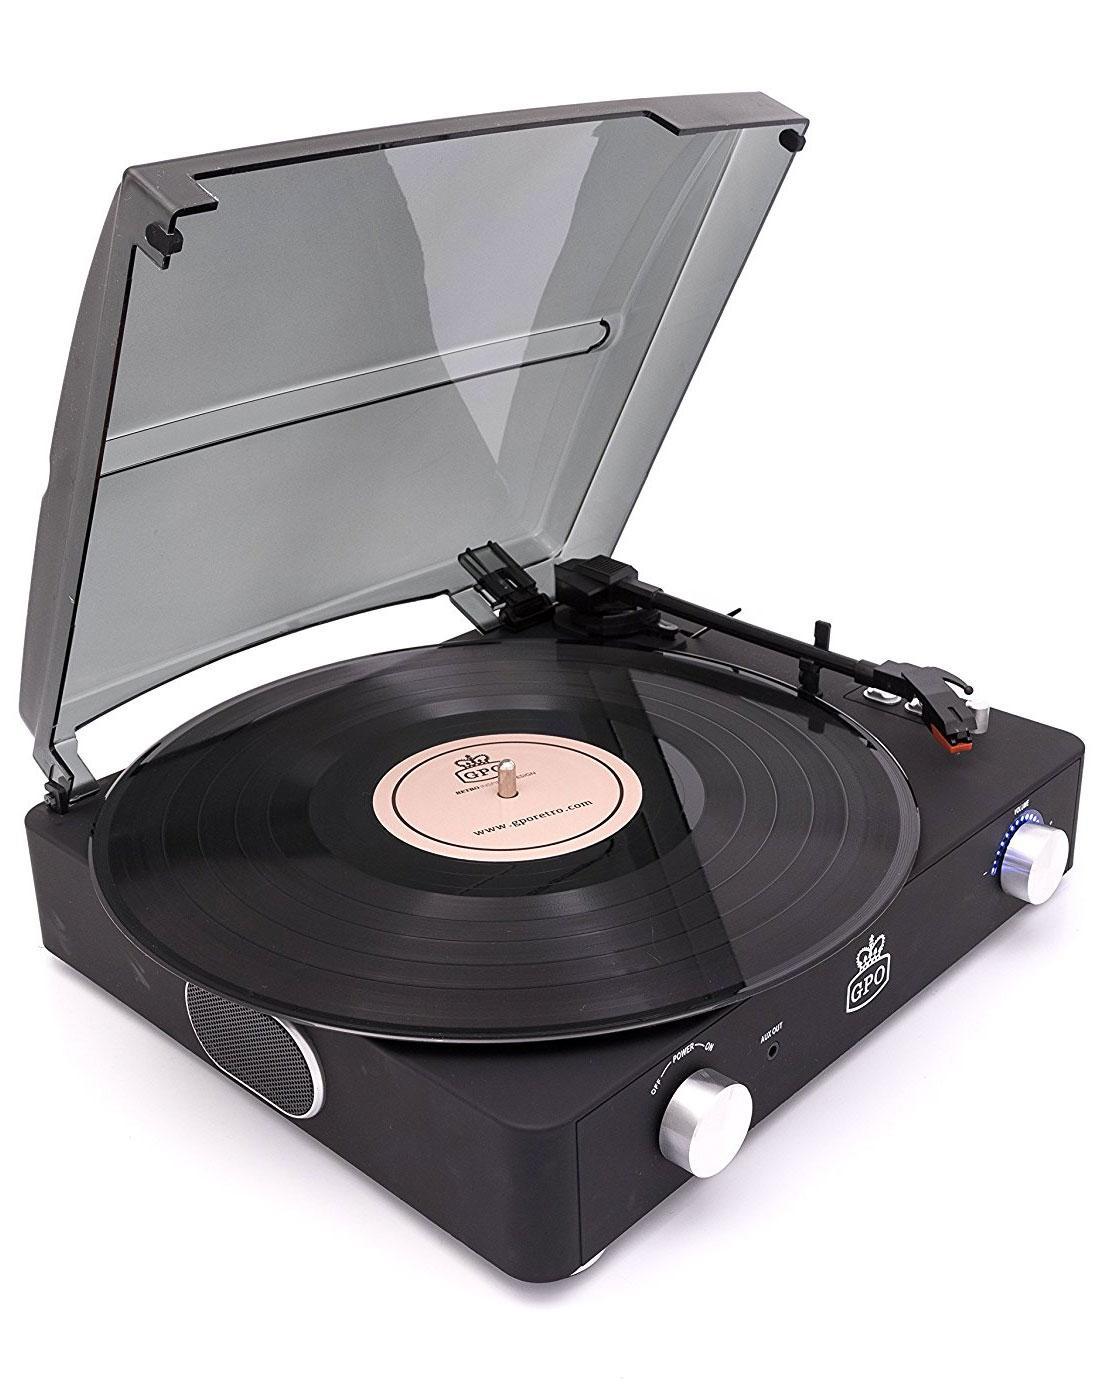 Stylo II GPO RETRO 1960s Mod Record Player - Black